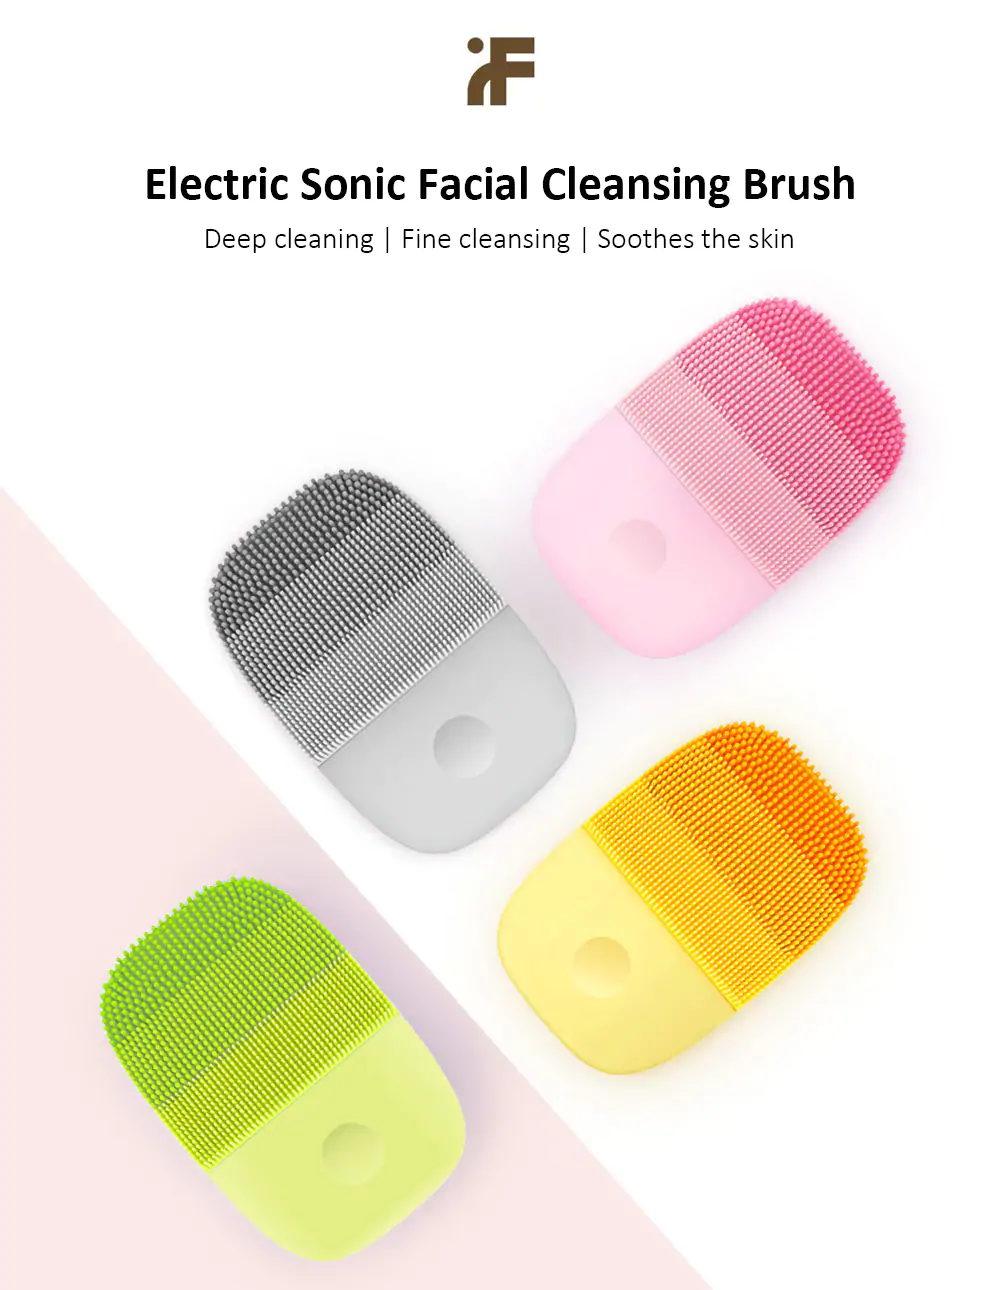 Xiaomi InFace cepillo de limpieza facial sónico - limpieza profunda, calmante la piel Xiaomi-inFace-Small-Cleansing-Instrument-1